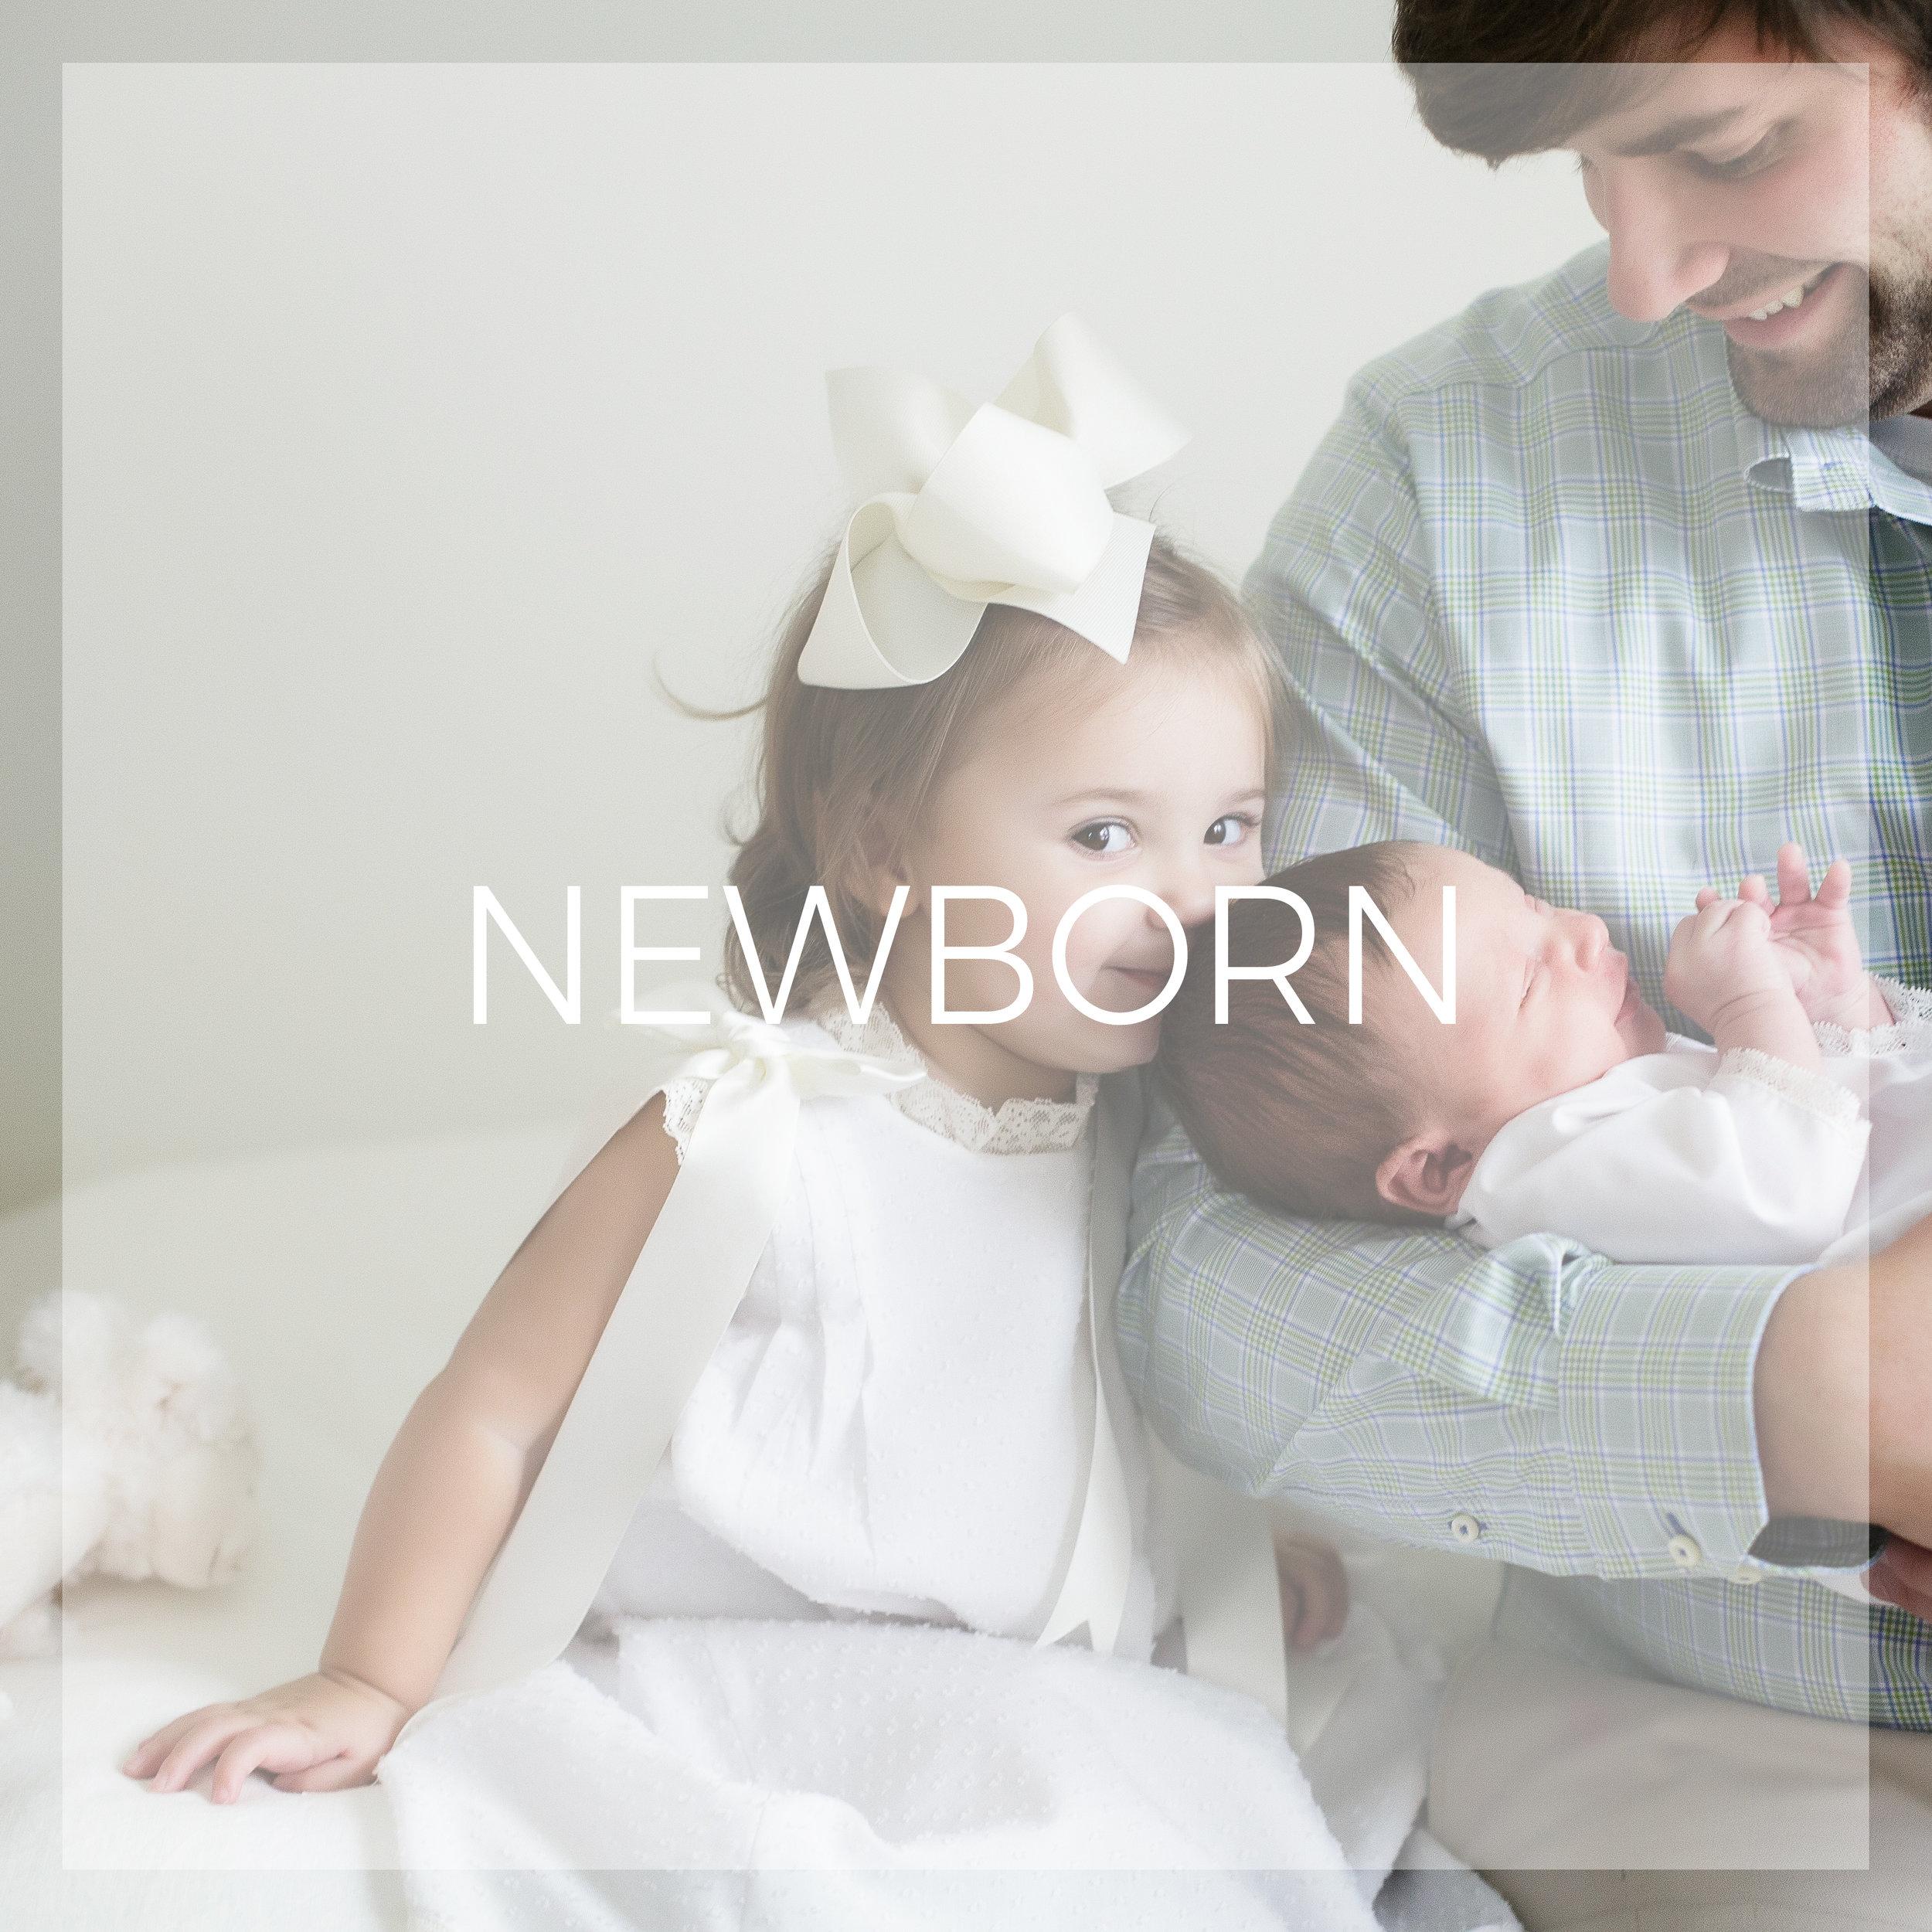 Galleries-Newborn.jpg